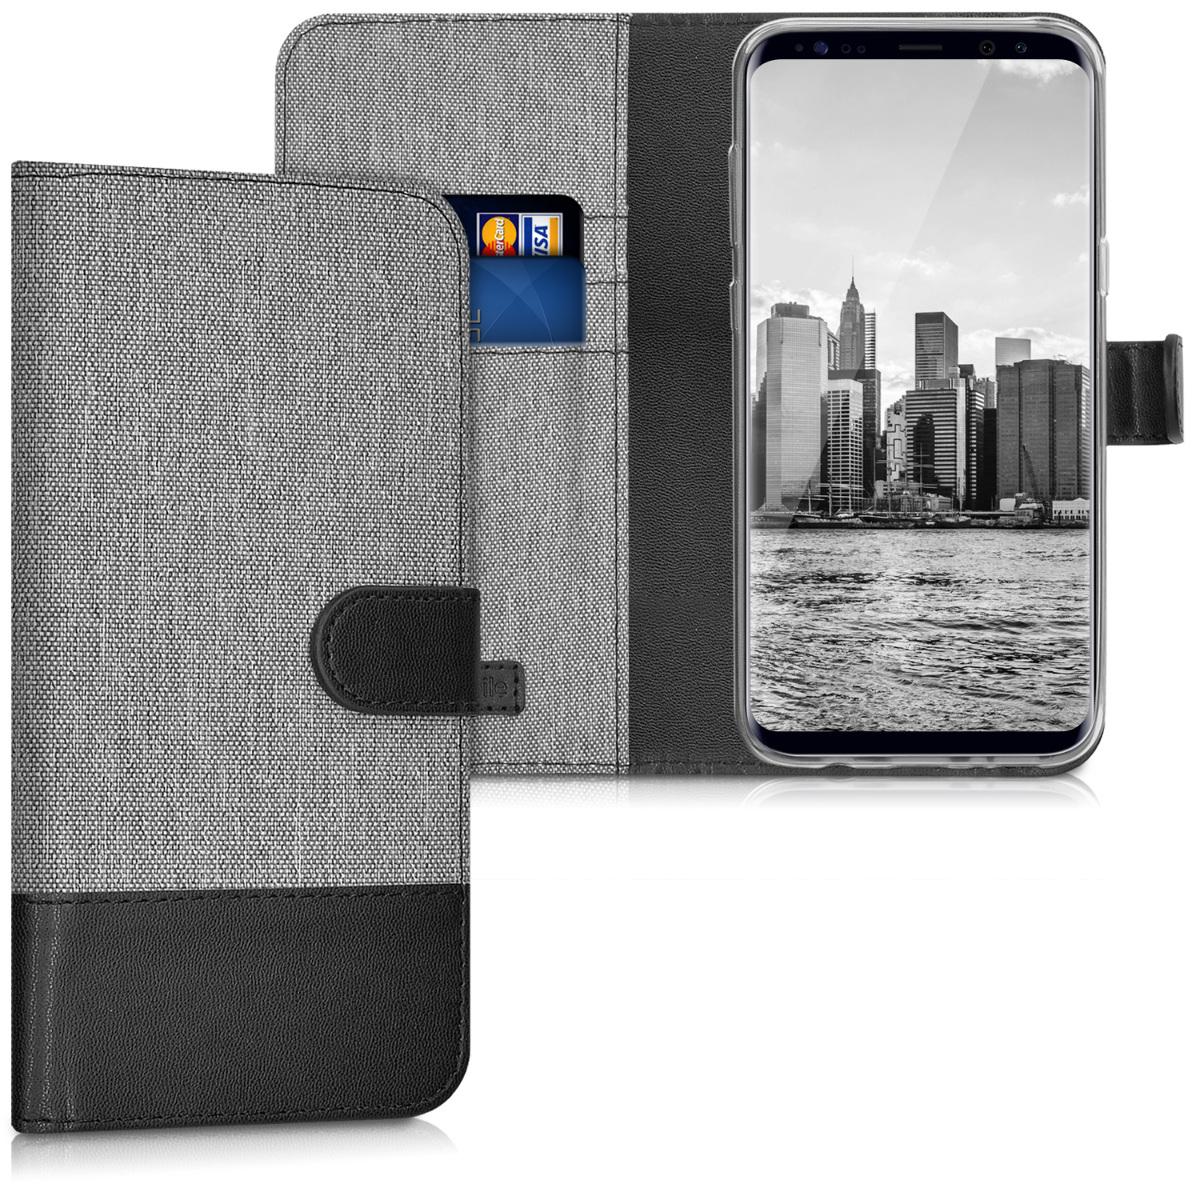 KW Θήκη - Πορτοφόλι Samsung Galaxy S8 Plus - Συνθετικό Δέρμα - Grey / Black (40999.22)